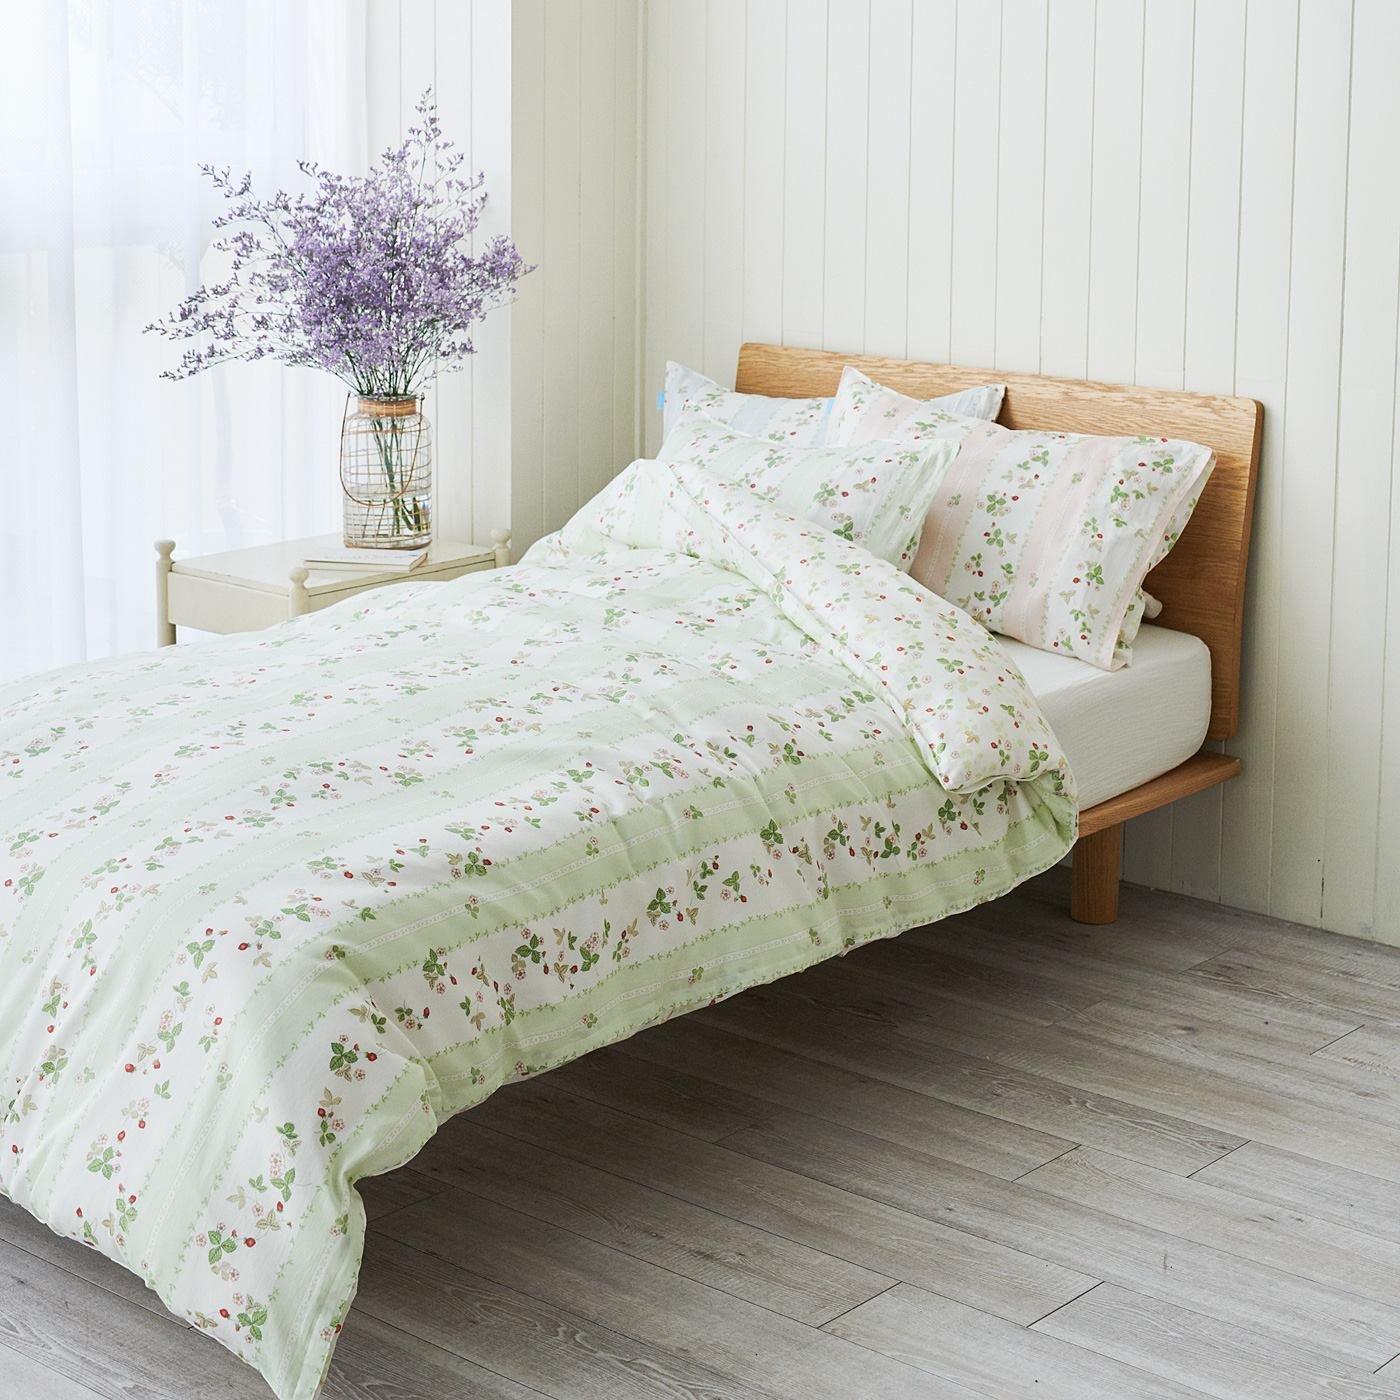 ウェッジウッド 英国人が愛したいちごのデザインで眠る サテン織り綿100%掛け布団カバー ワイルド ストロベリー〈シングル〉